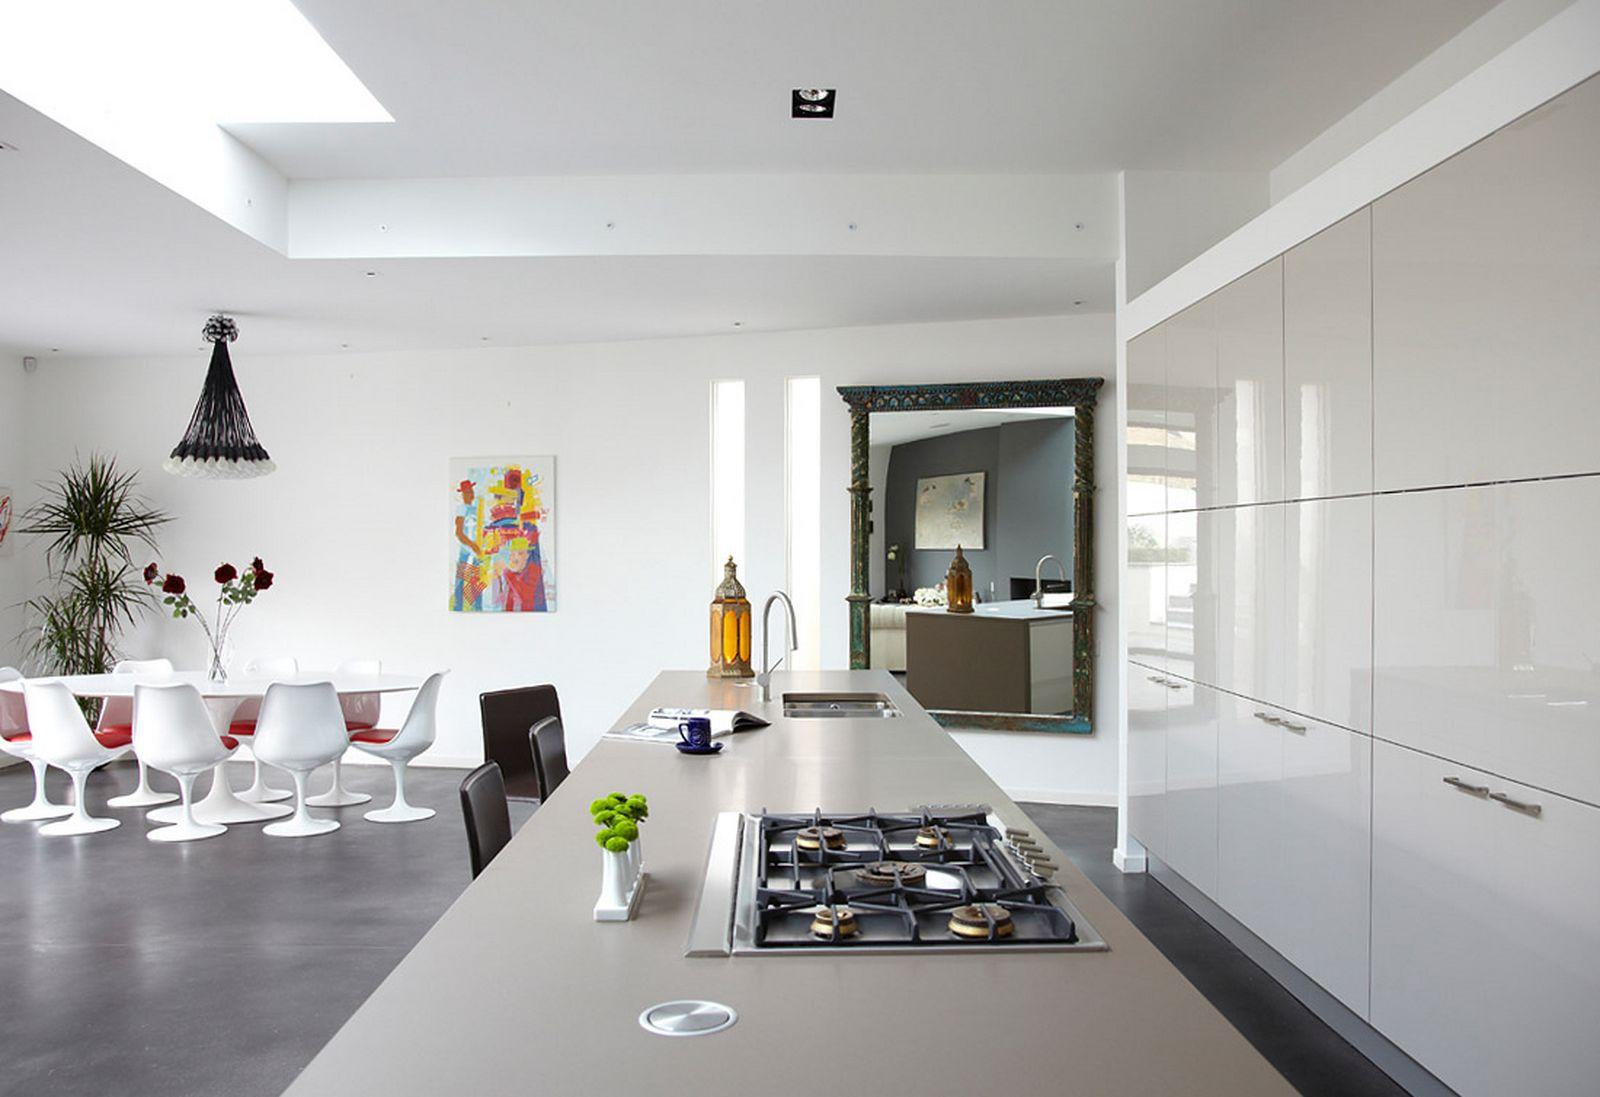 inspiration-køkken-interiør-layout